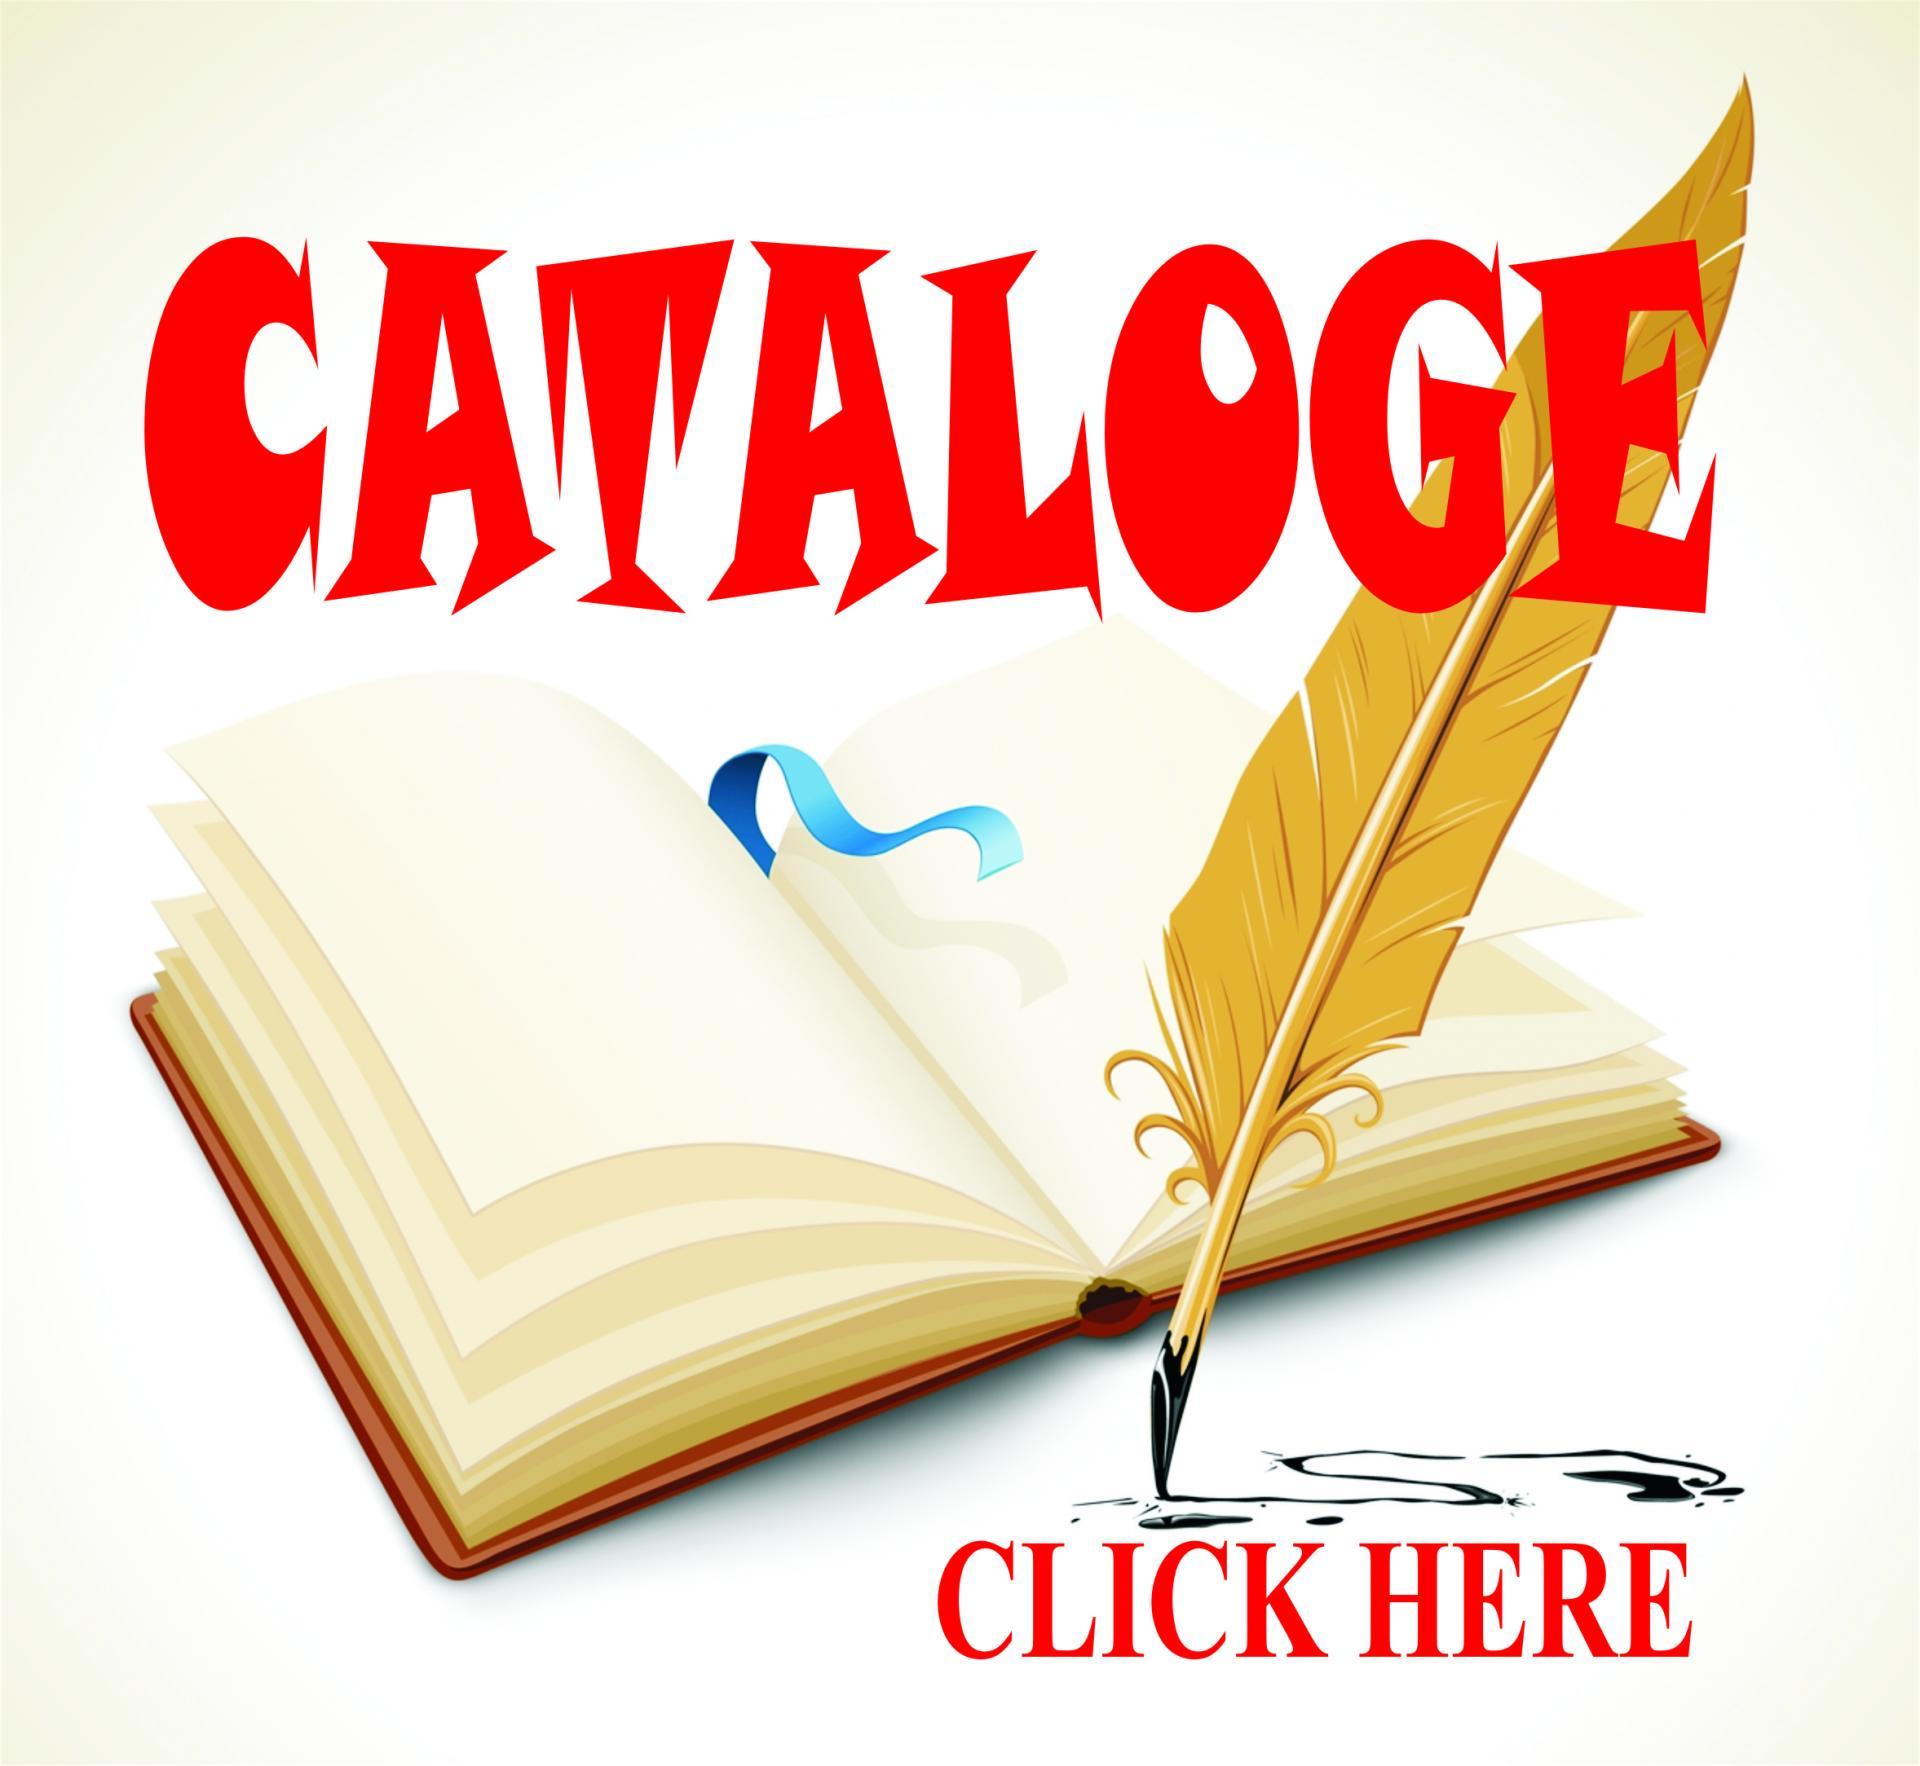 cataloge